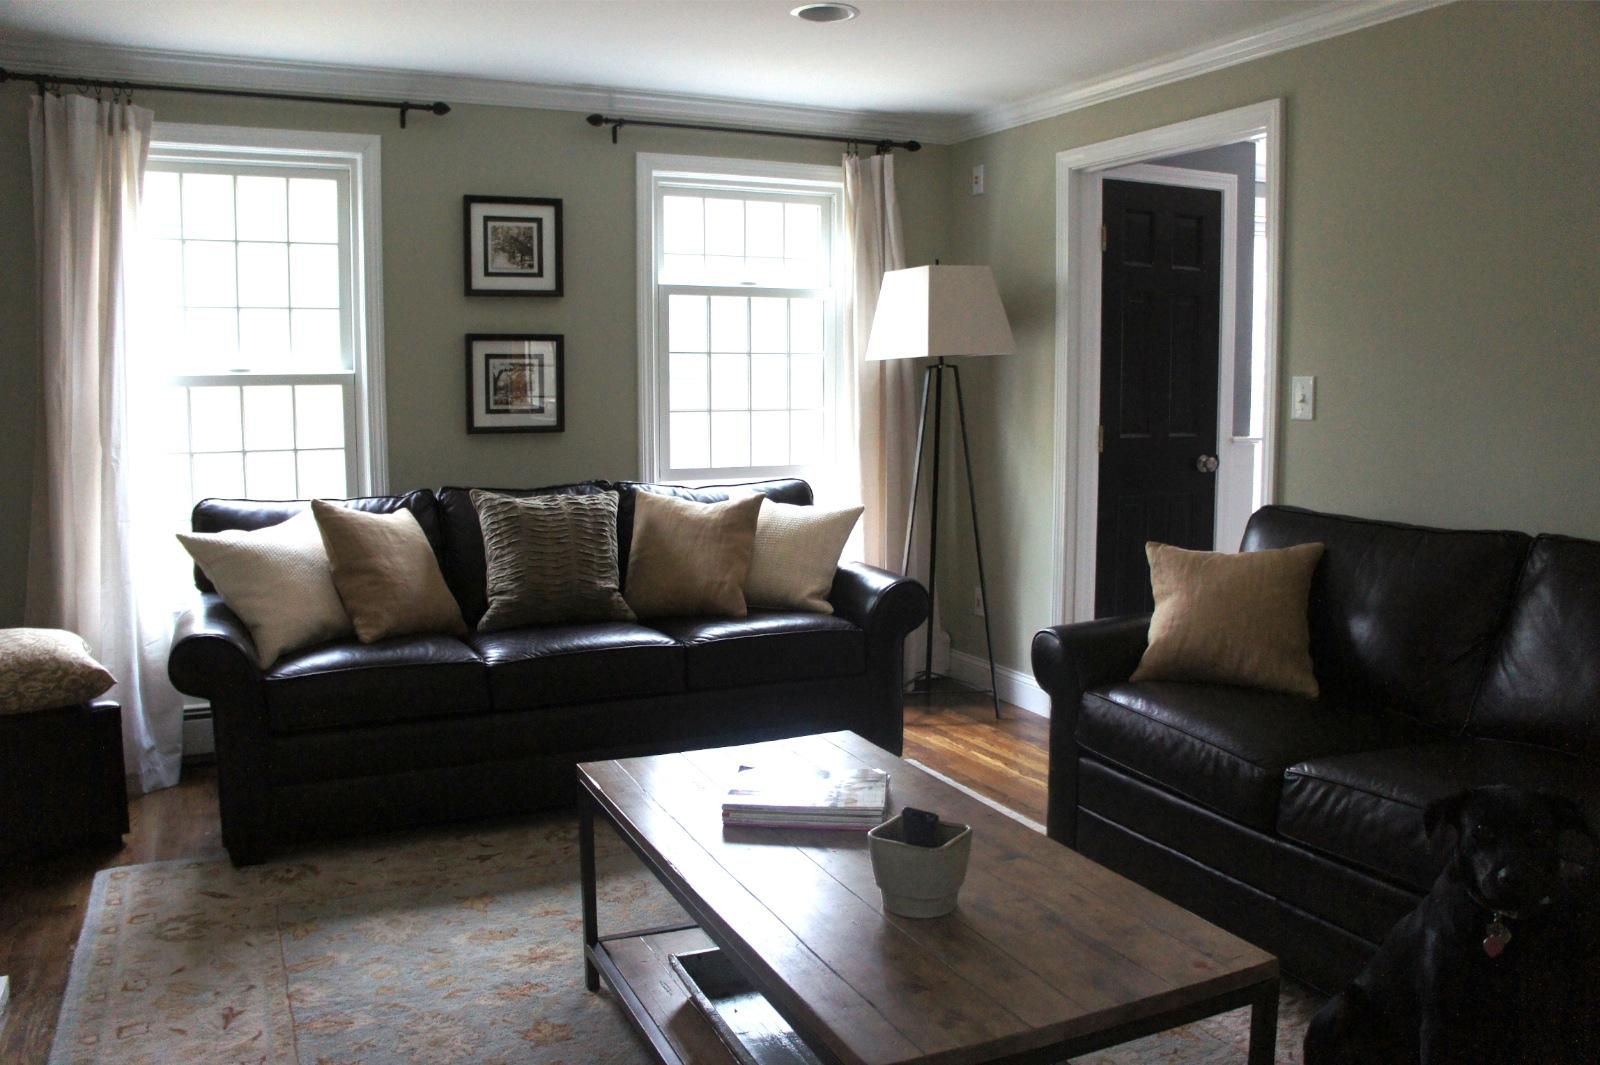 What Color Curtains Go With Black Sofas Ezhandui Com Furniture